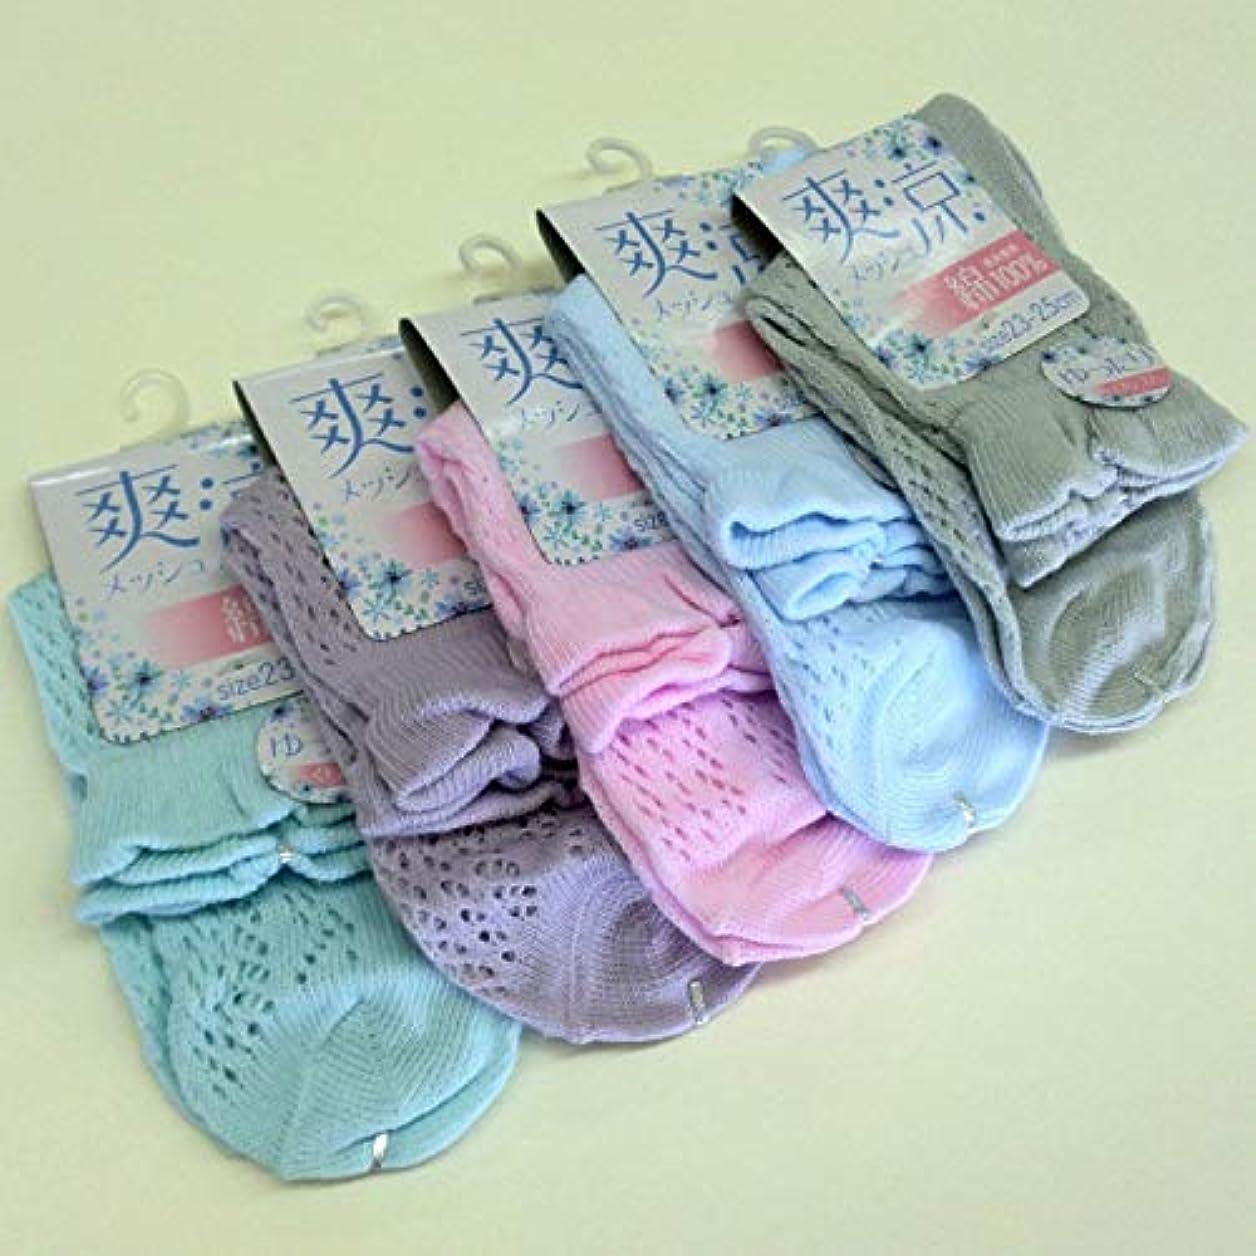 同情ローマ人ニュージーランド靴下 レディース 夏 表糸綿100% 涼しいルミーソックス セット 5色5足組